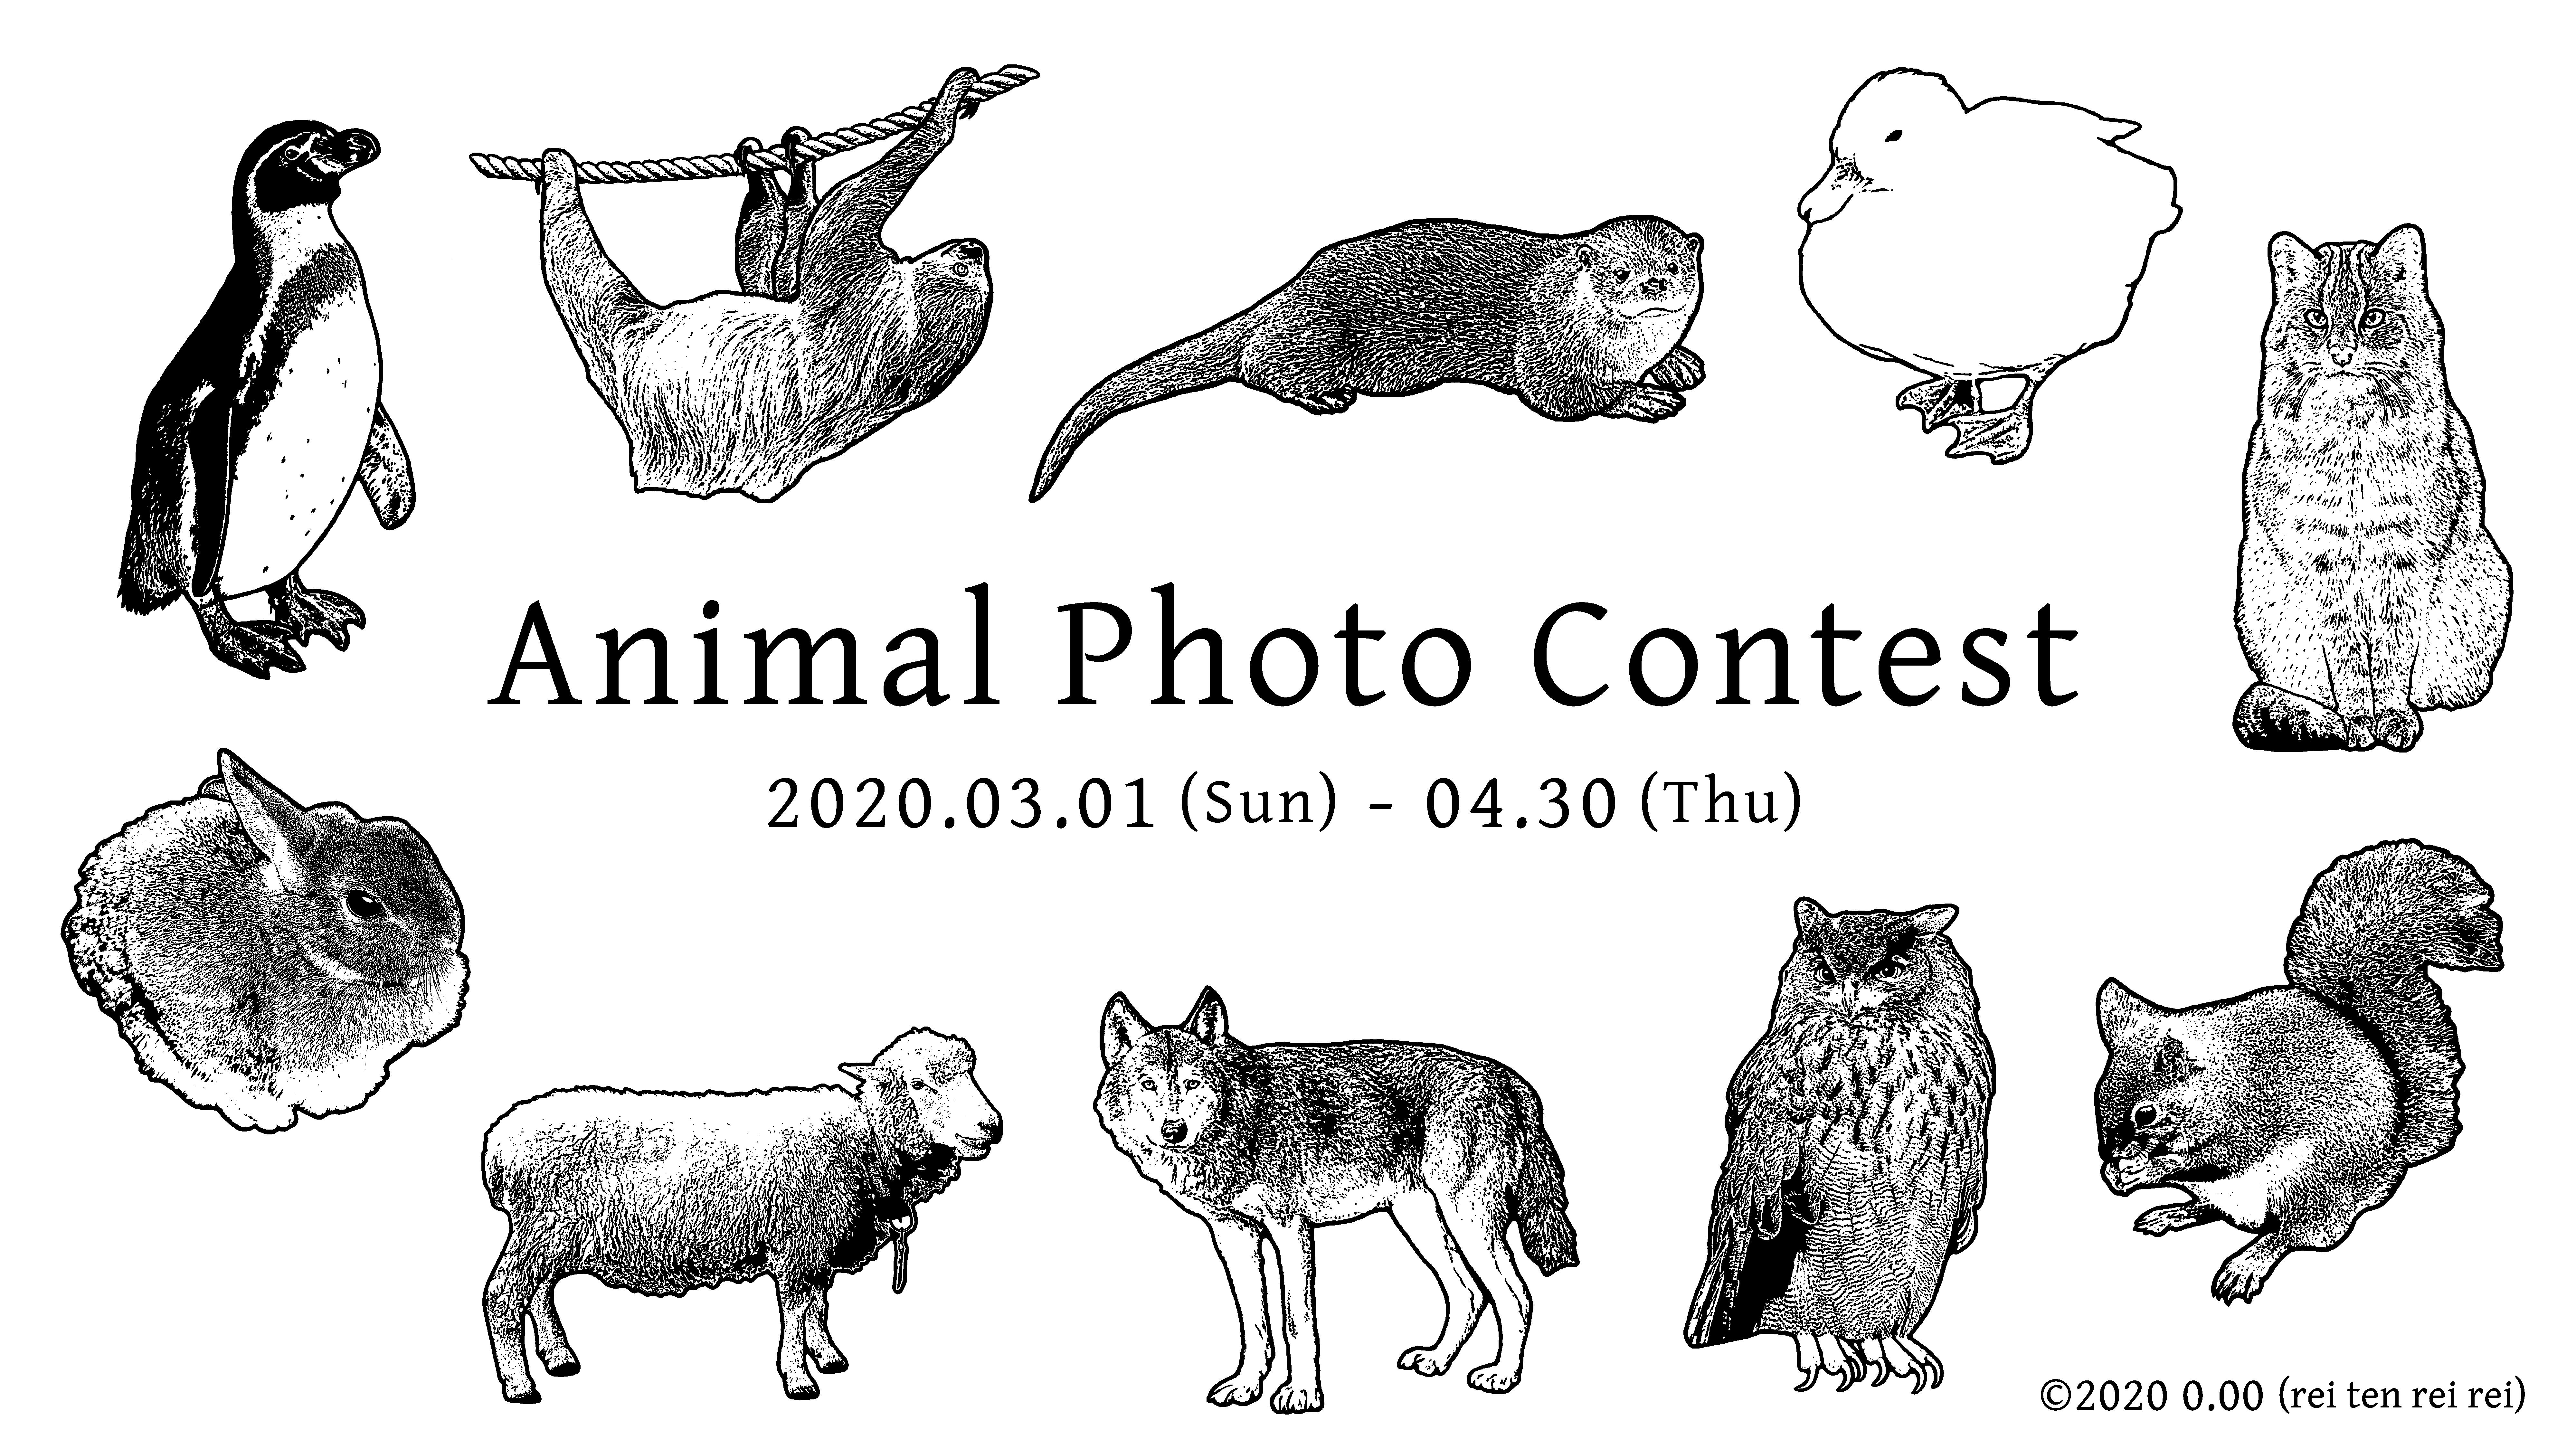 動物写真コンテスト結果発表